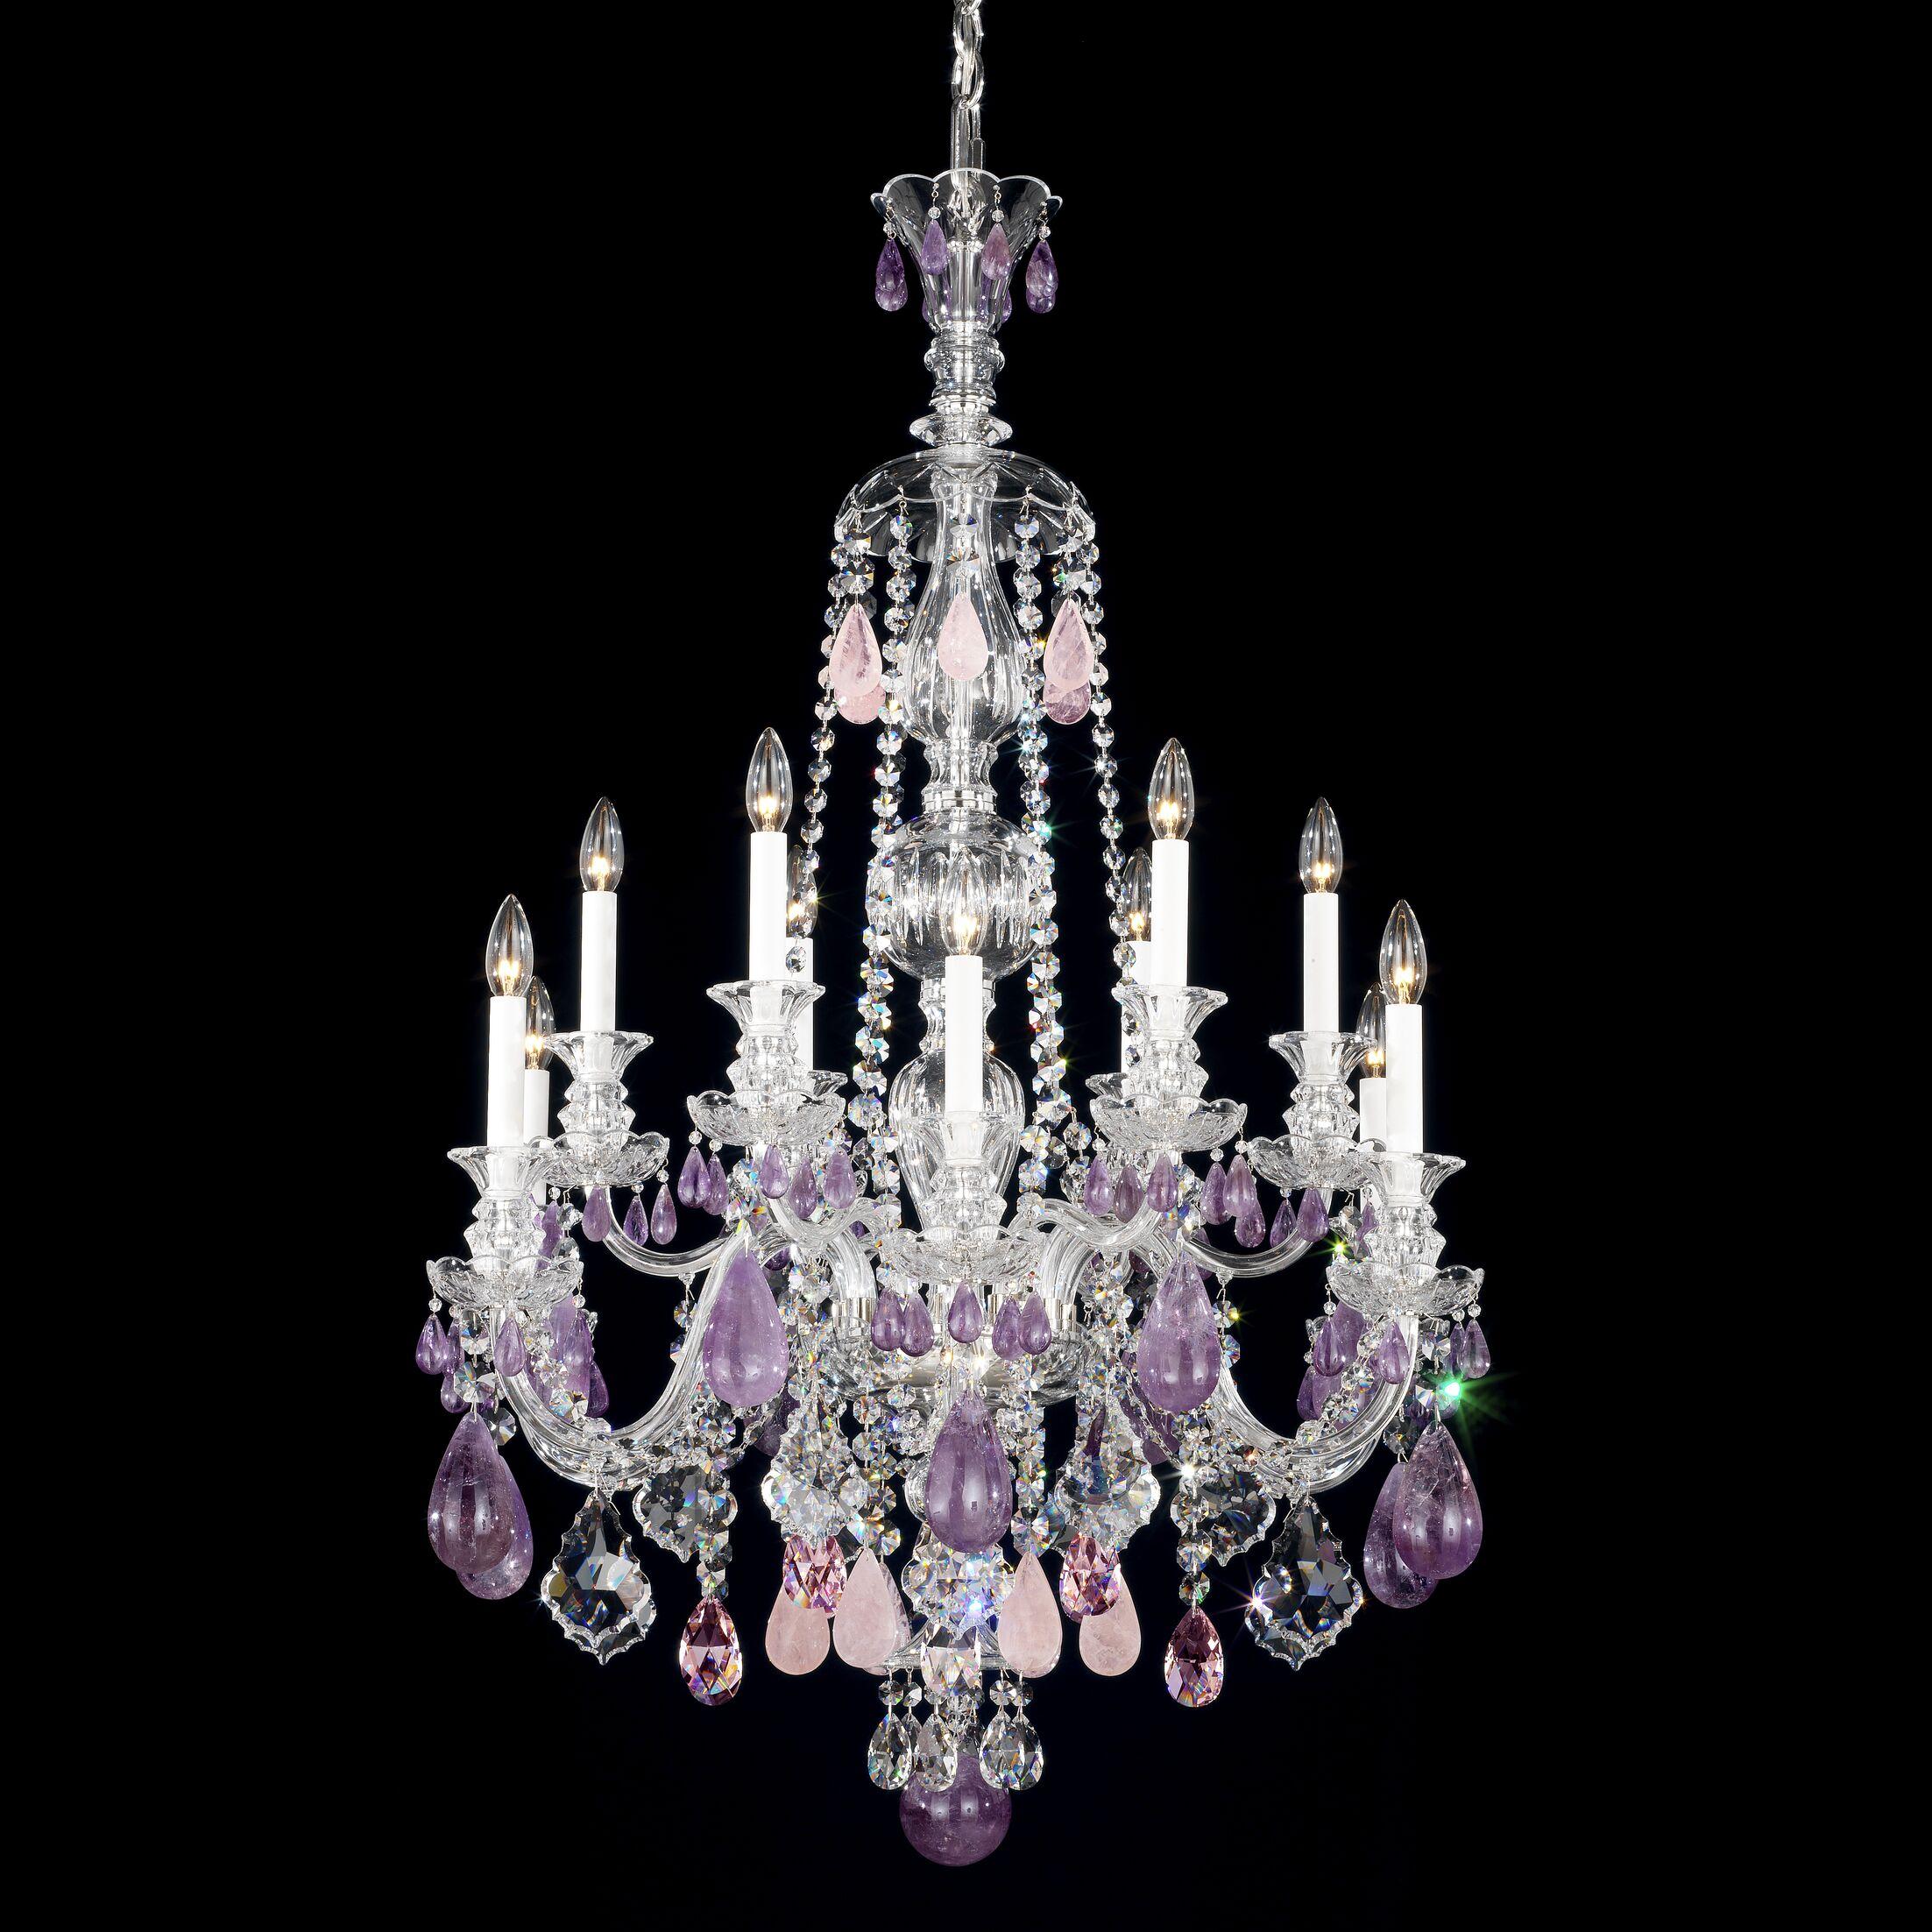 Hamilton 12-Light Chandelier Color / Crystal Color: Silver / Clear Rock